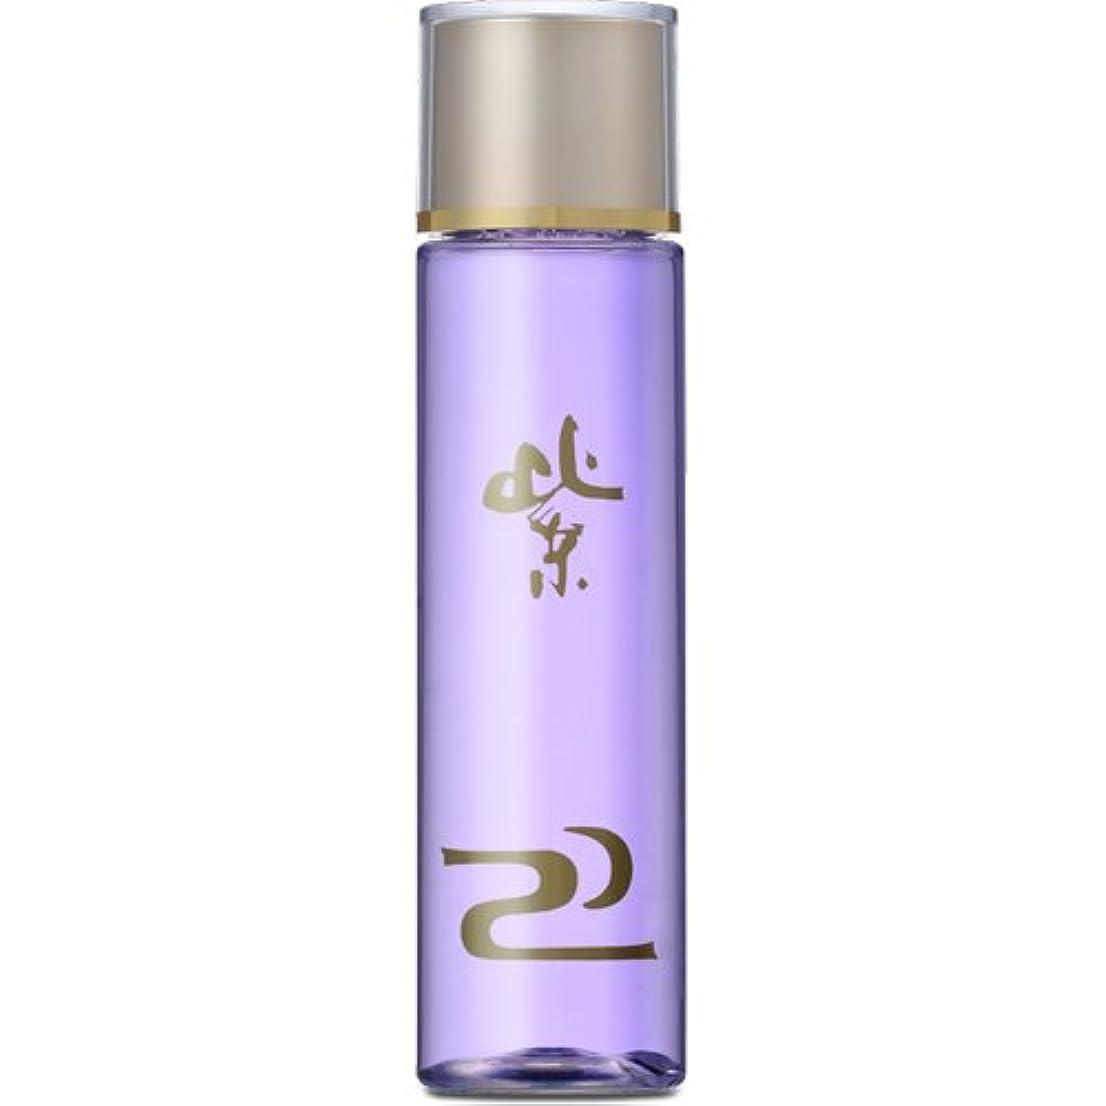 存在する地上のマラウイホワイトリリー WL紫 120mL 化粧水